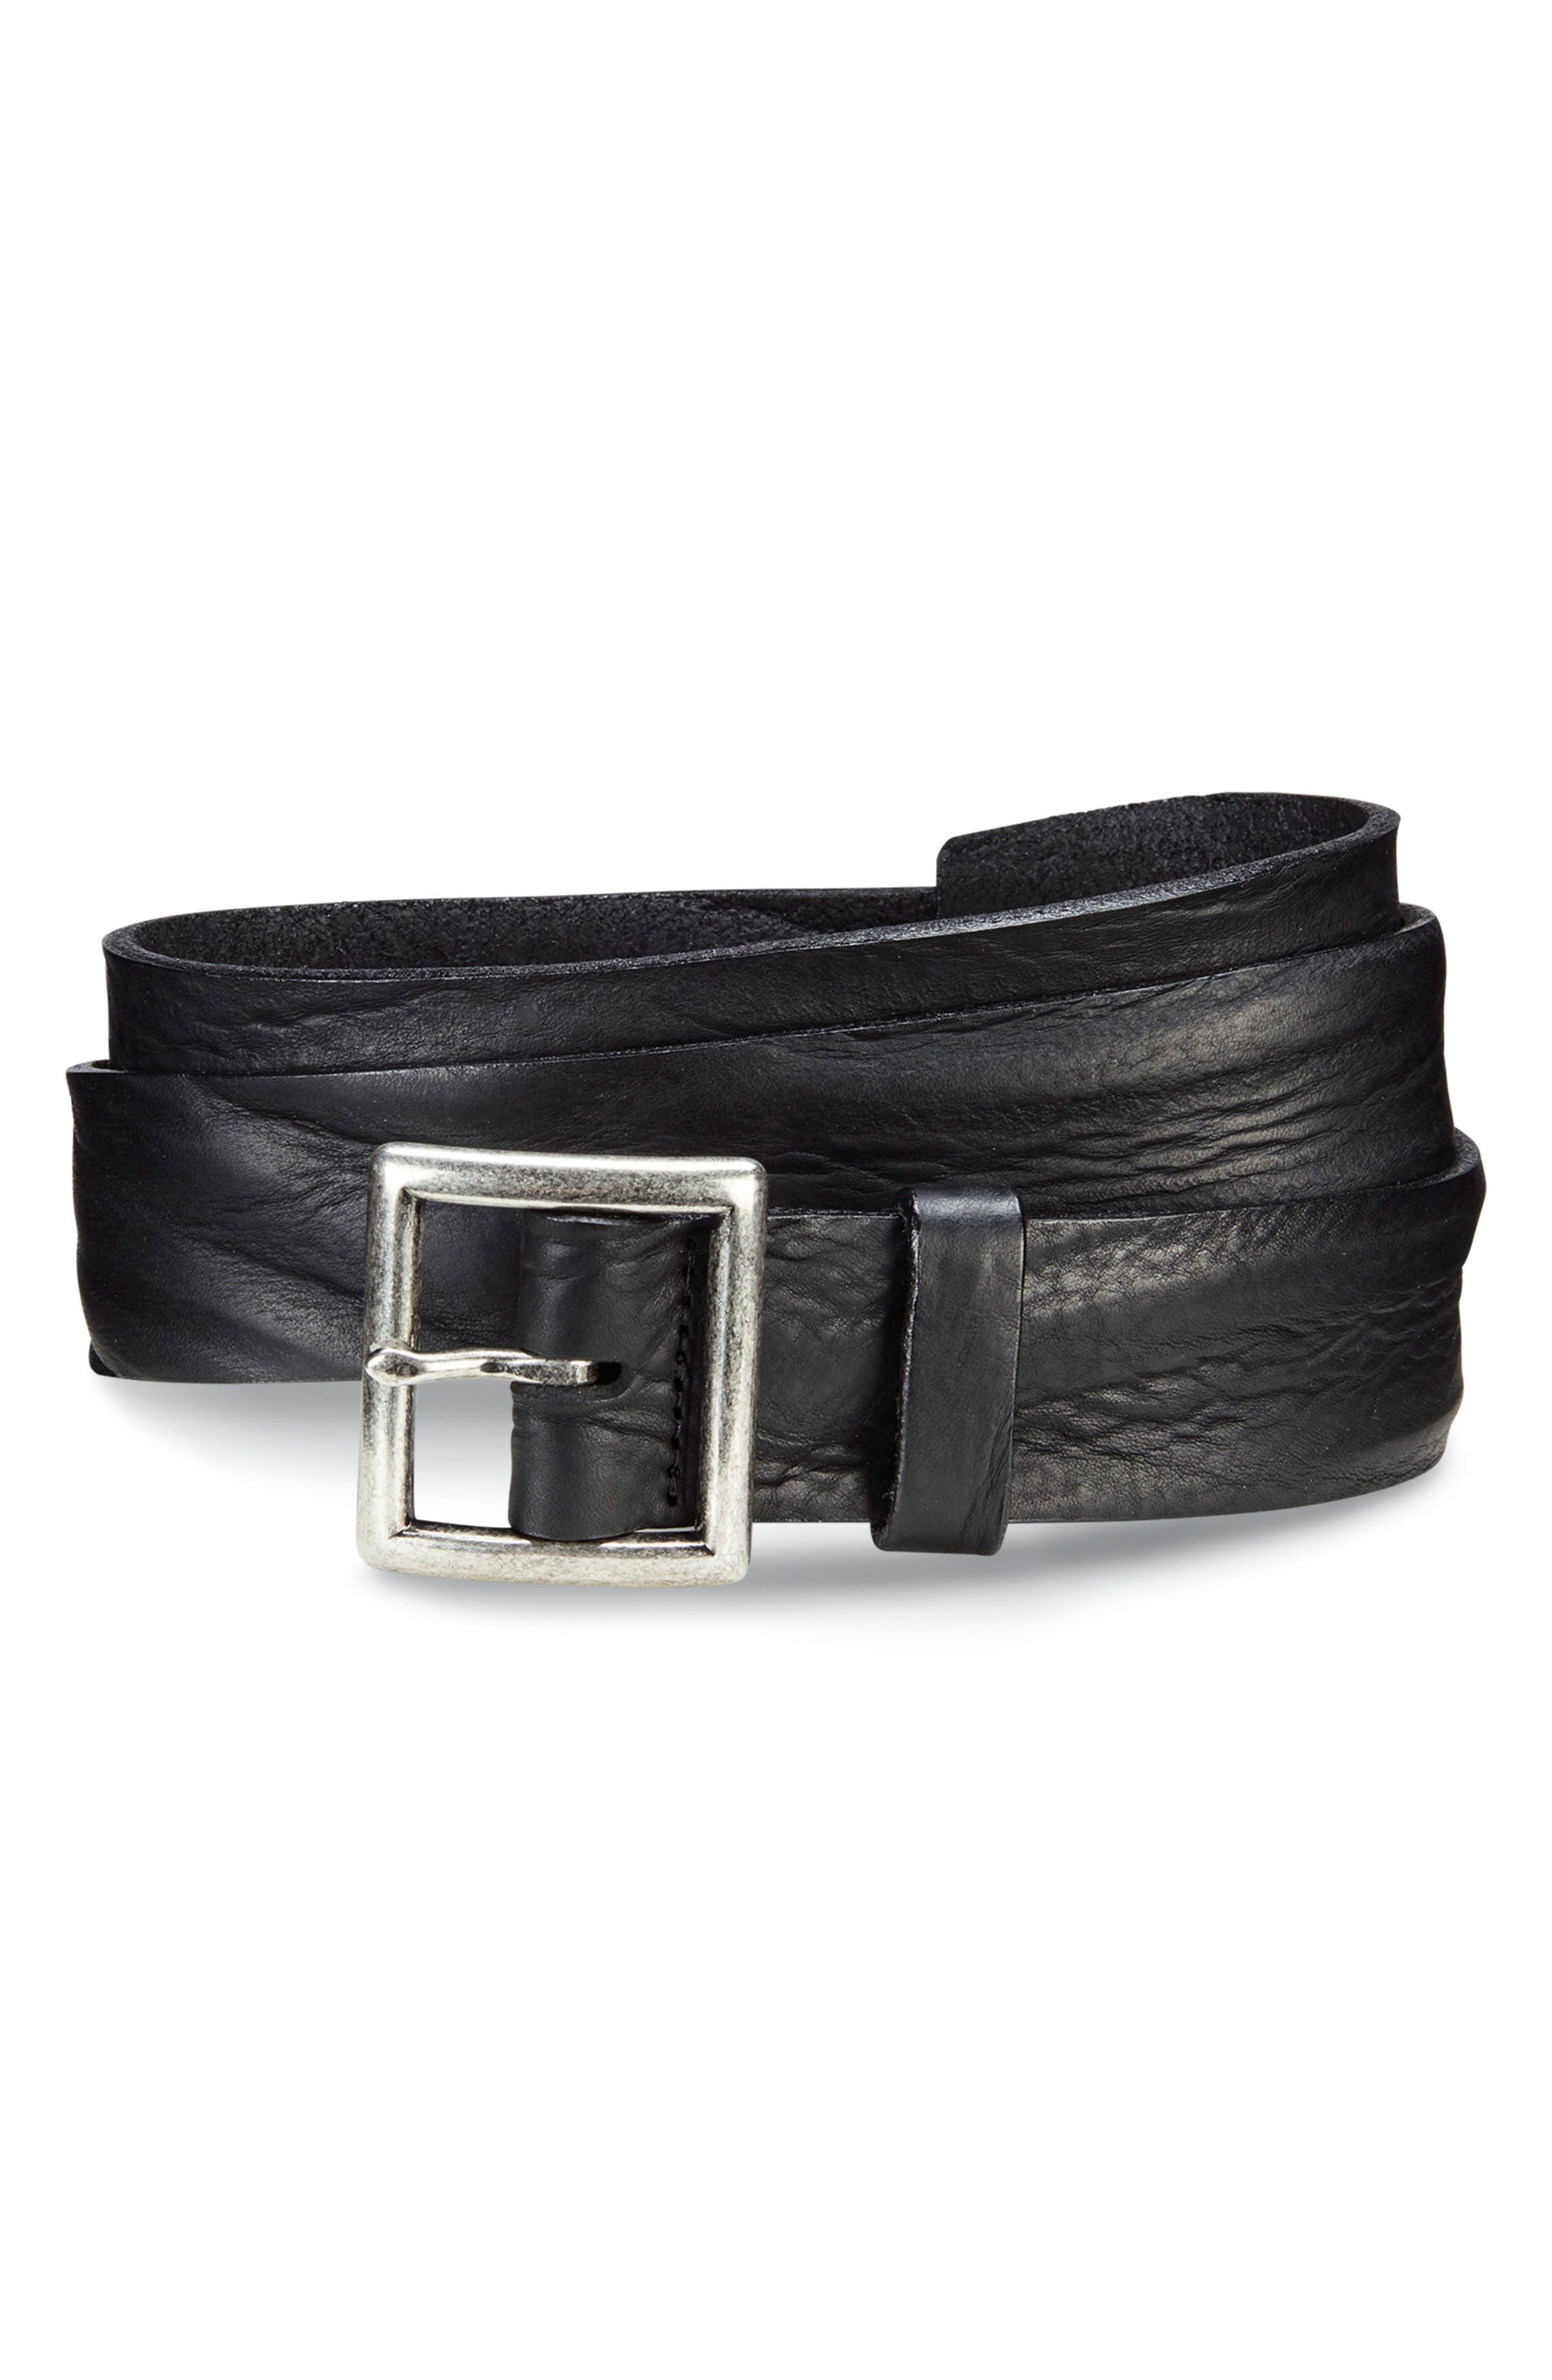 ALLEN EDMONDS Radcliff Avenue Leather Belt, Main, color, BLACK